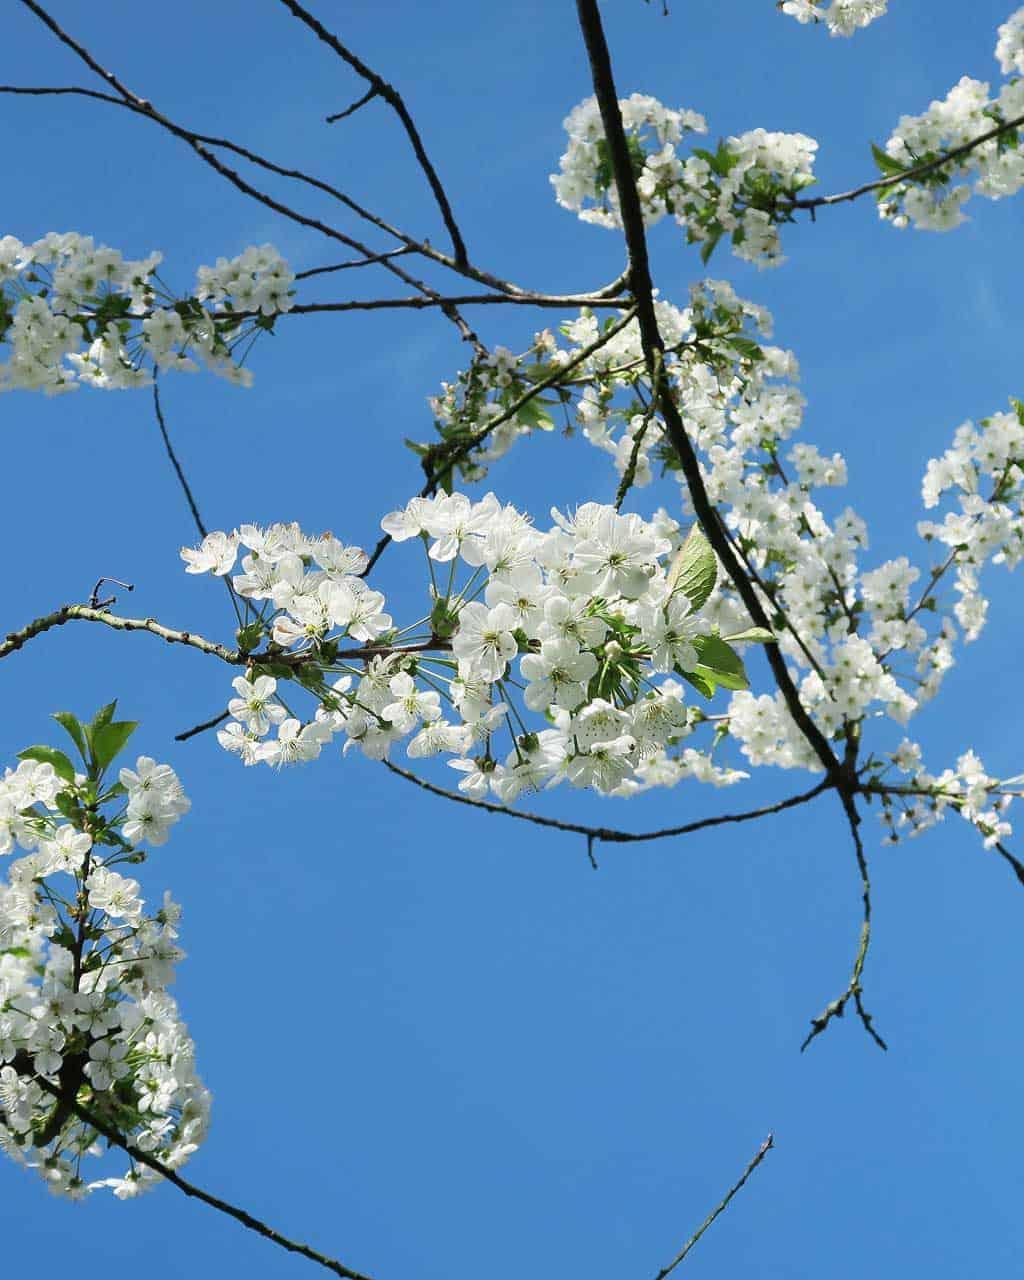 Blue sky and white blossom